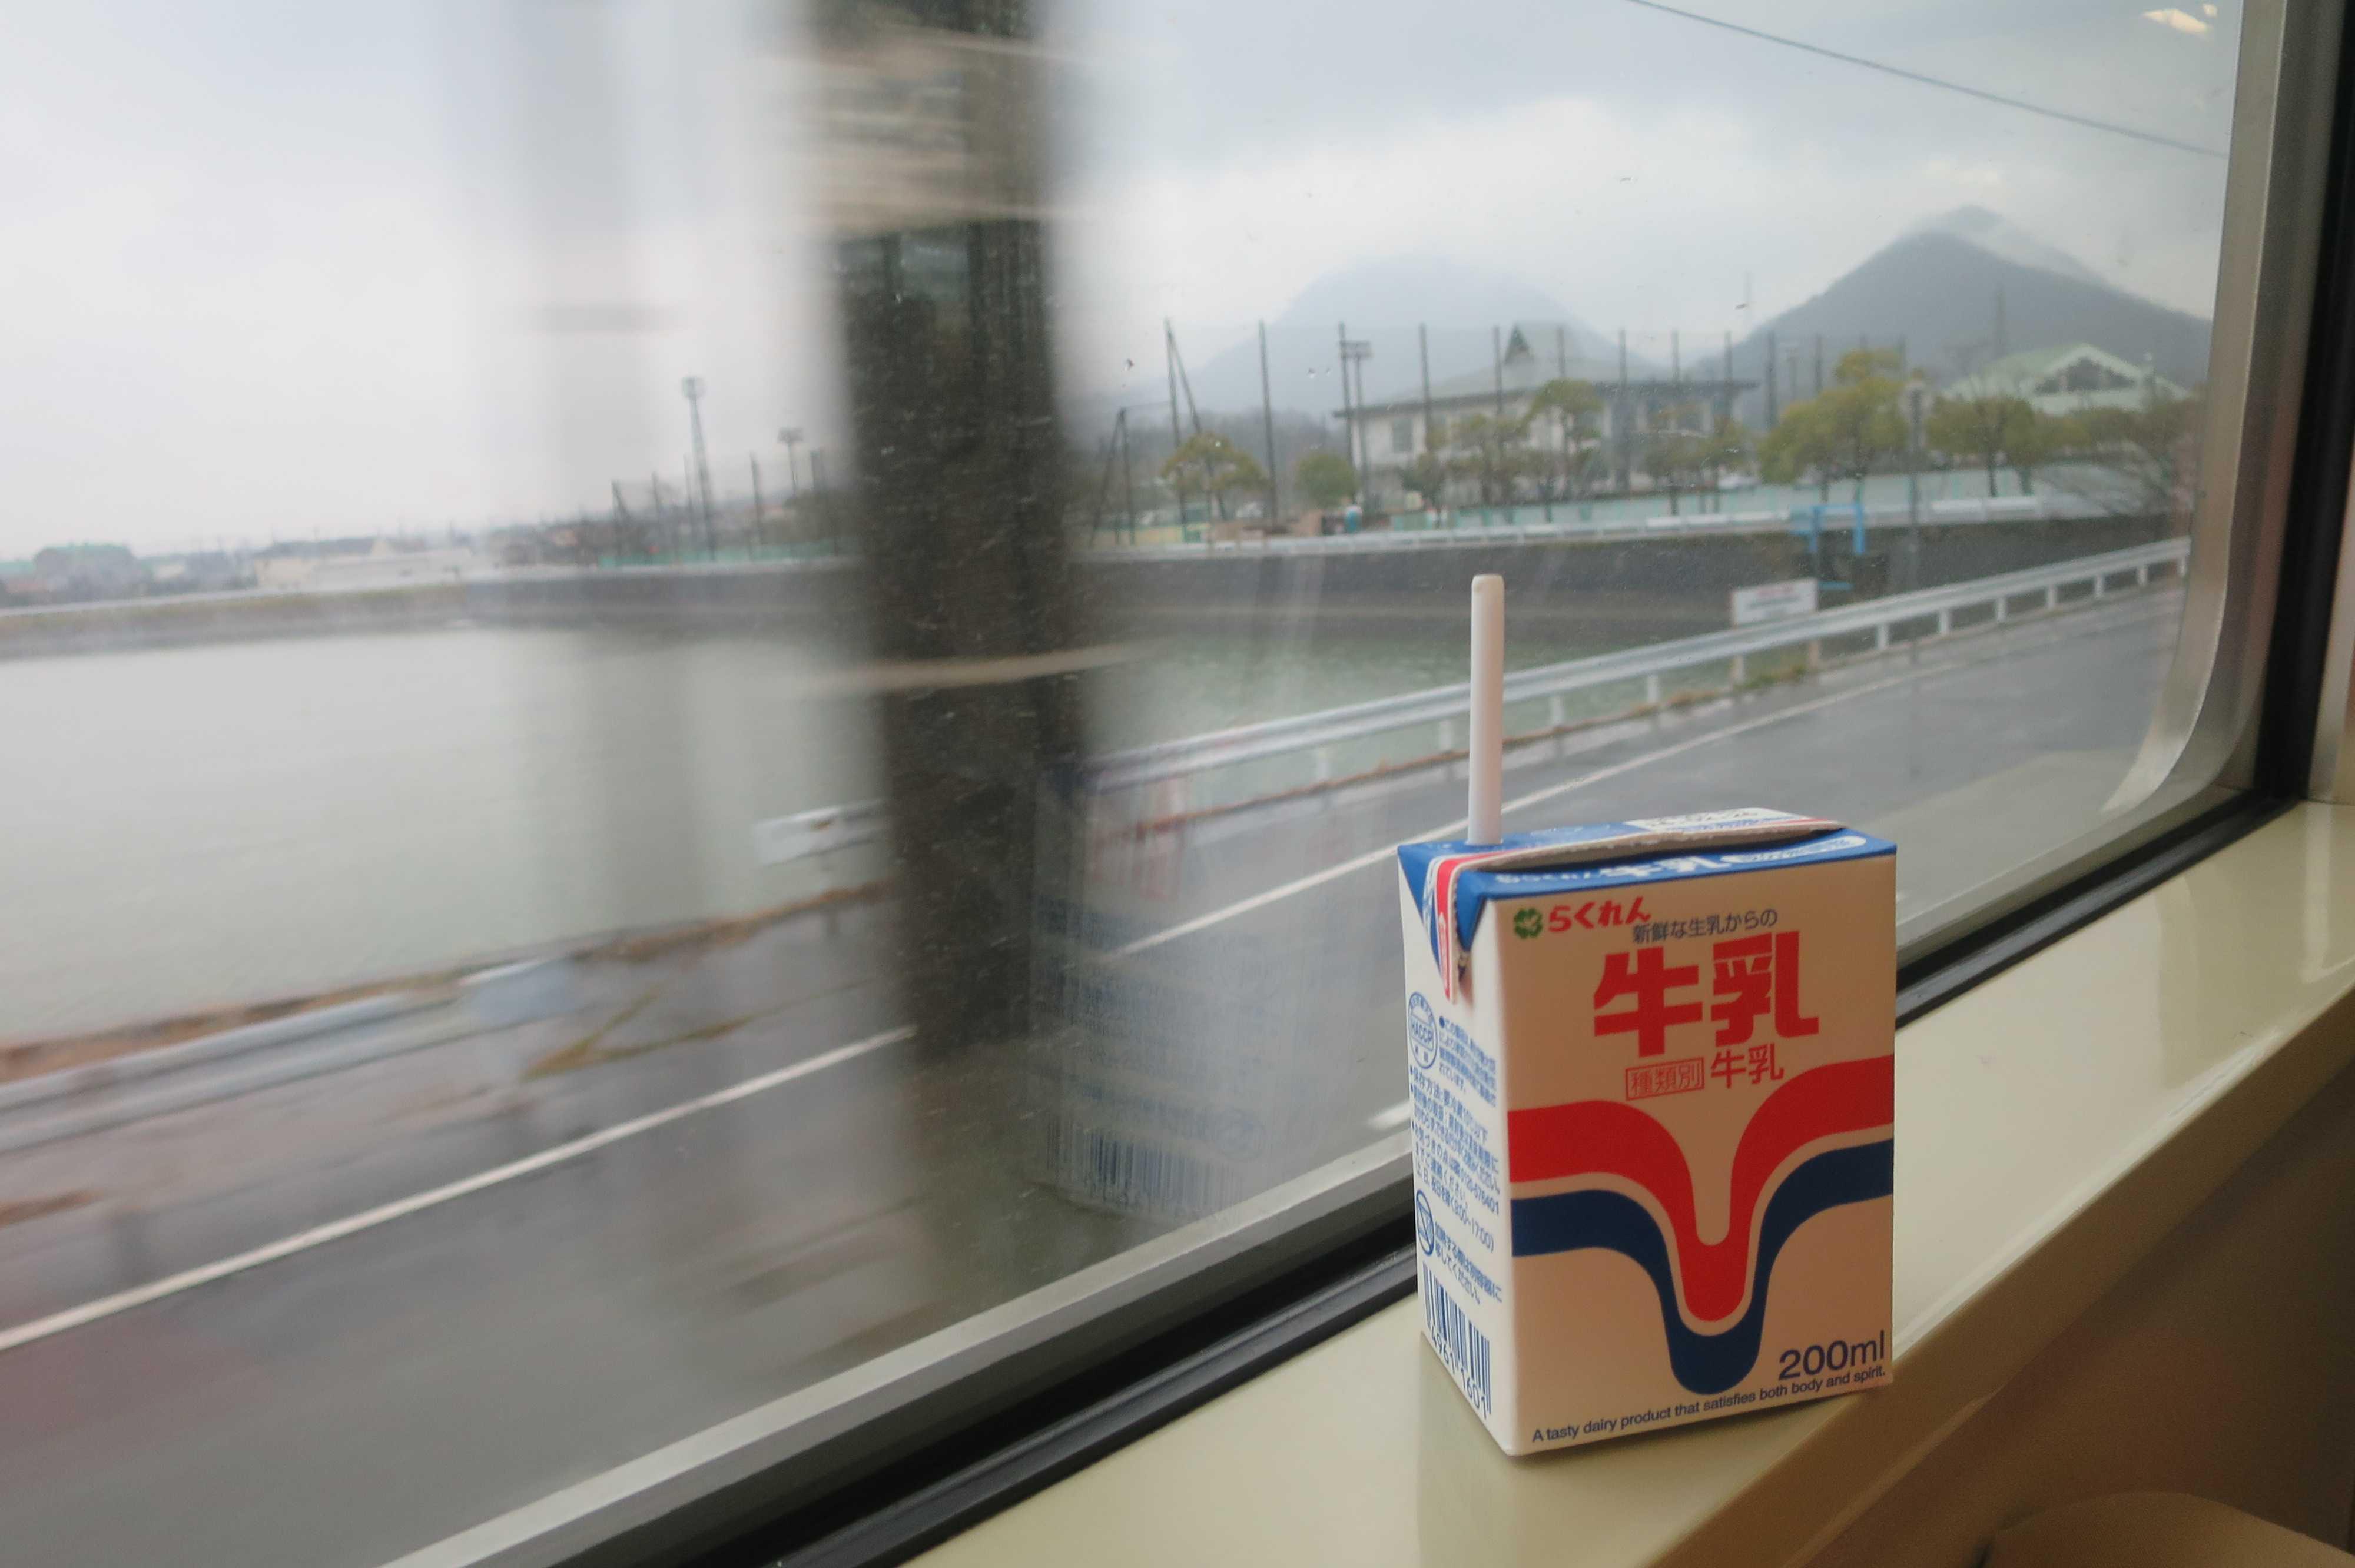 らくれん牛乳と車窓の讃岐の景色